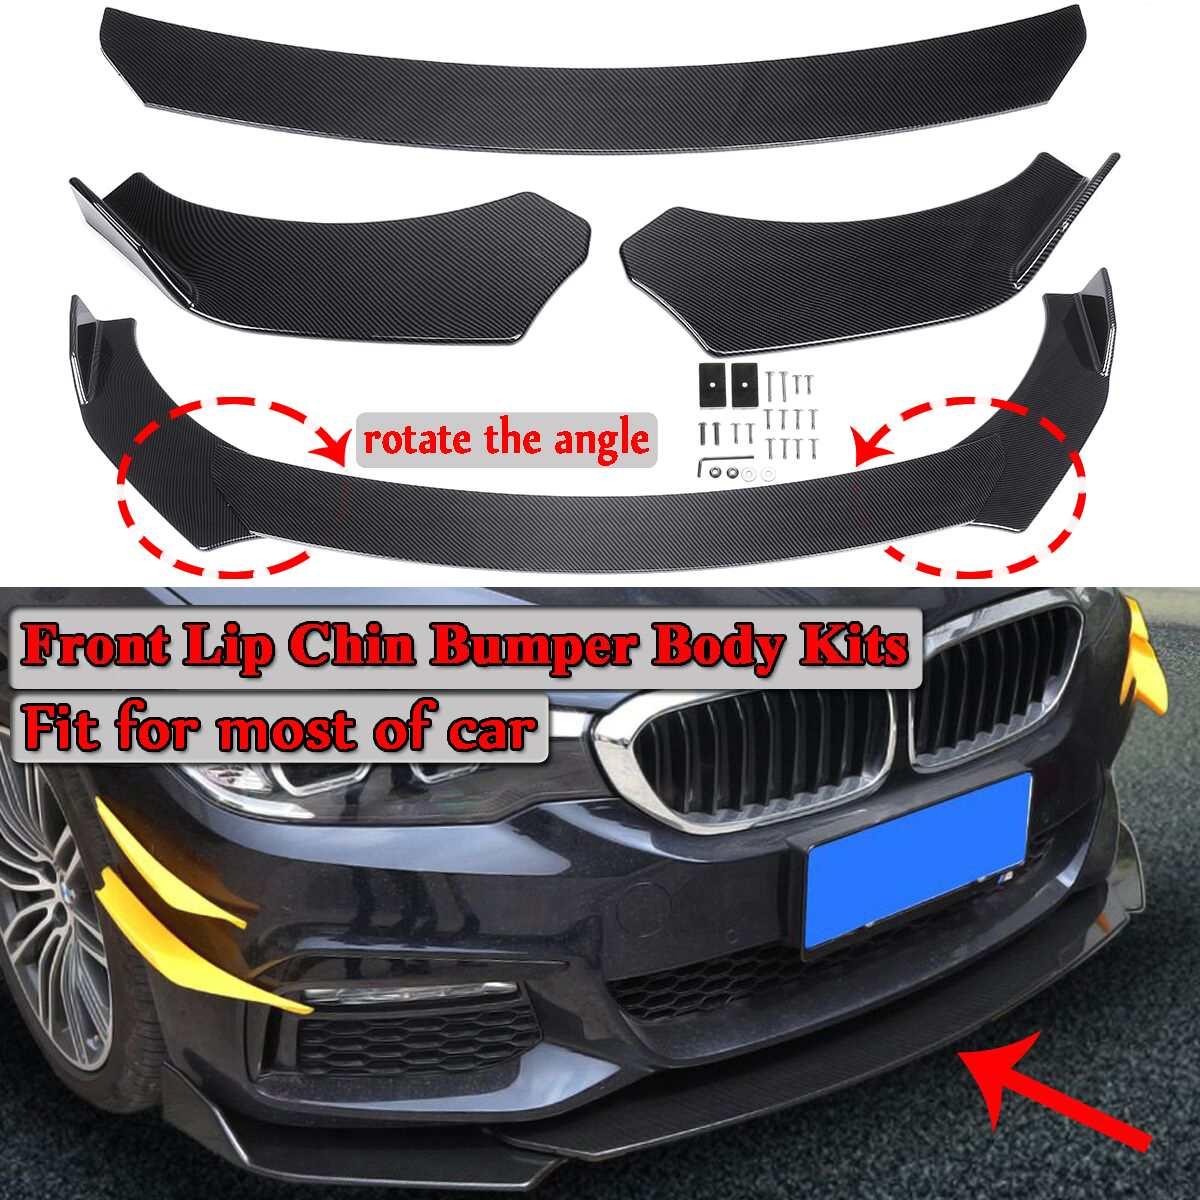 Con apariencia de fibra de carbono/Negro Universal coche parachoques delantero labio cuerpo Kits Splitter difusor para BMW para Benz para Audi para VW para Subaru